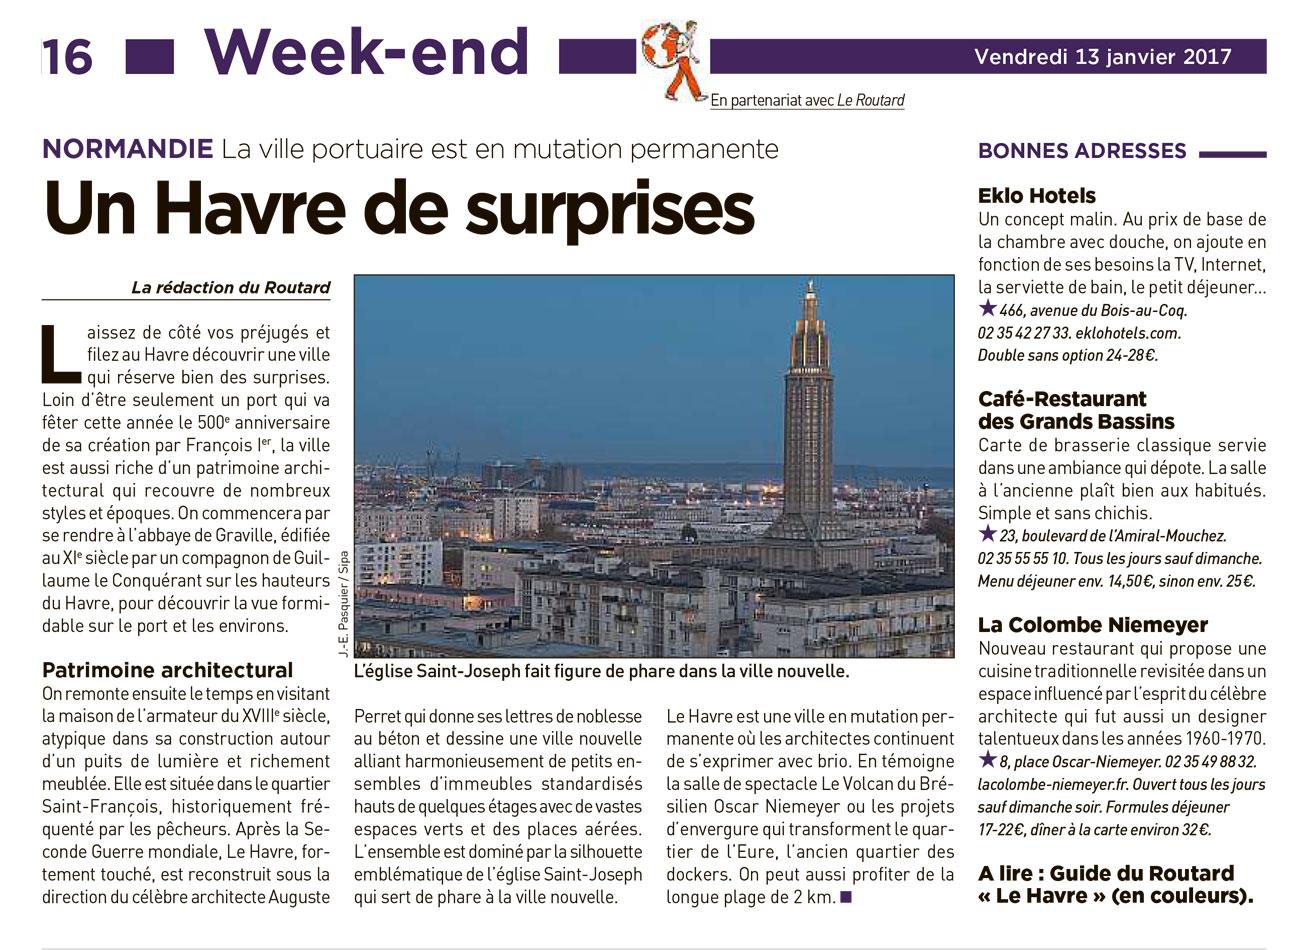 Article consacré au Havre dans l'édition du 13 janvier 2017 de 20 Minutes